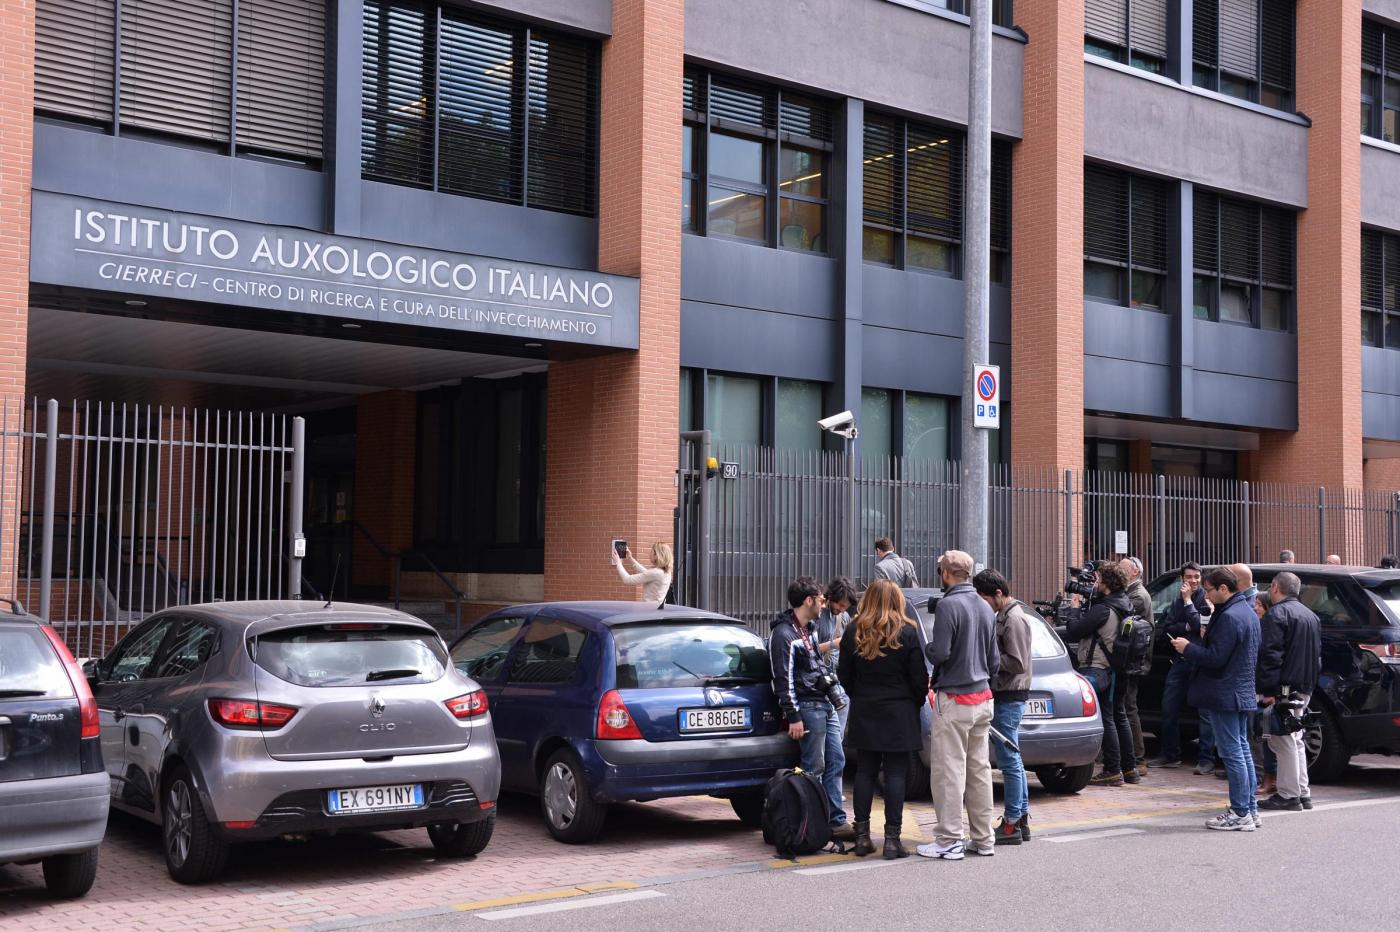 Milano, l'ospedale Auxologico dove è morte Gianroberto Casaleggio